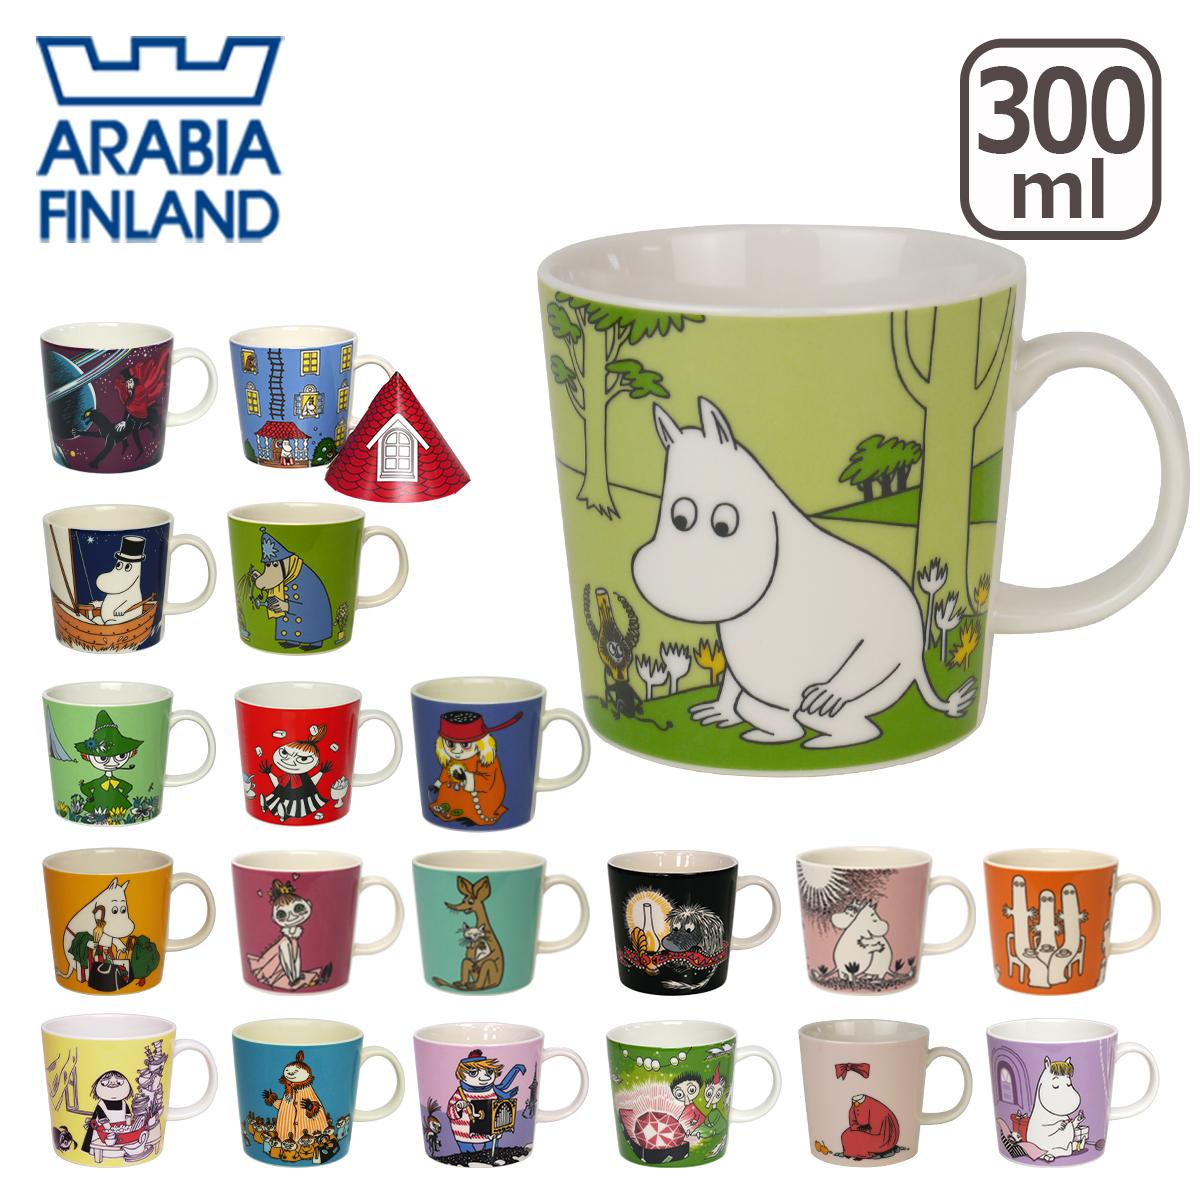 アラビア Arabiaムーミンマグカップ Arabia ムーミン マグ 北欧 フィンランド GF2 箱購入でギフト マグカップ 食器 moomin ギフ_包装 GF1 のし可 お得セット